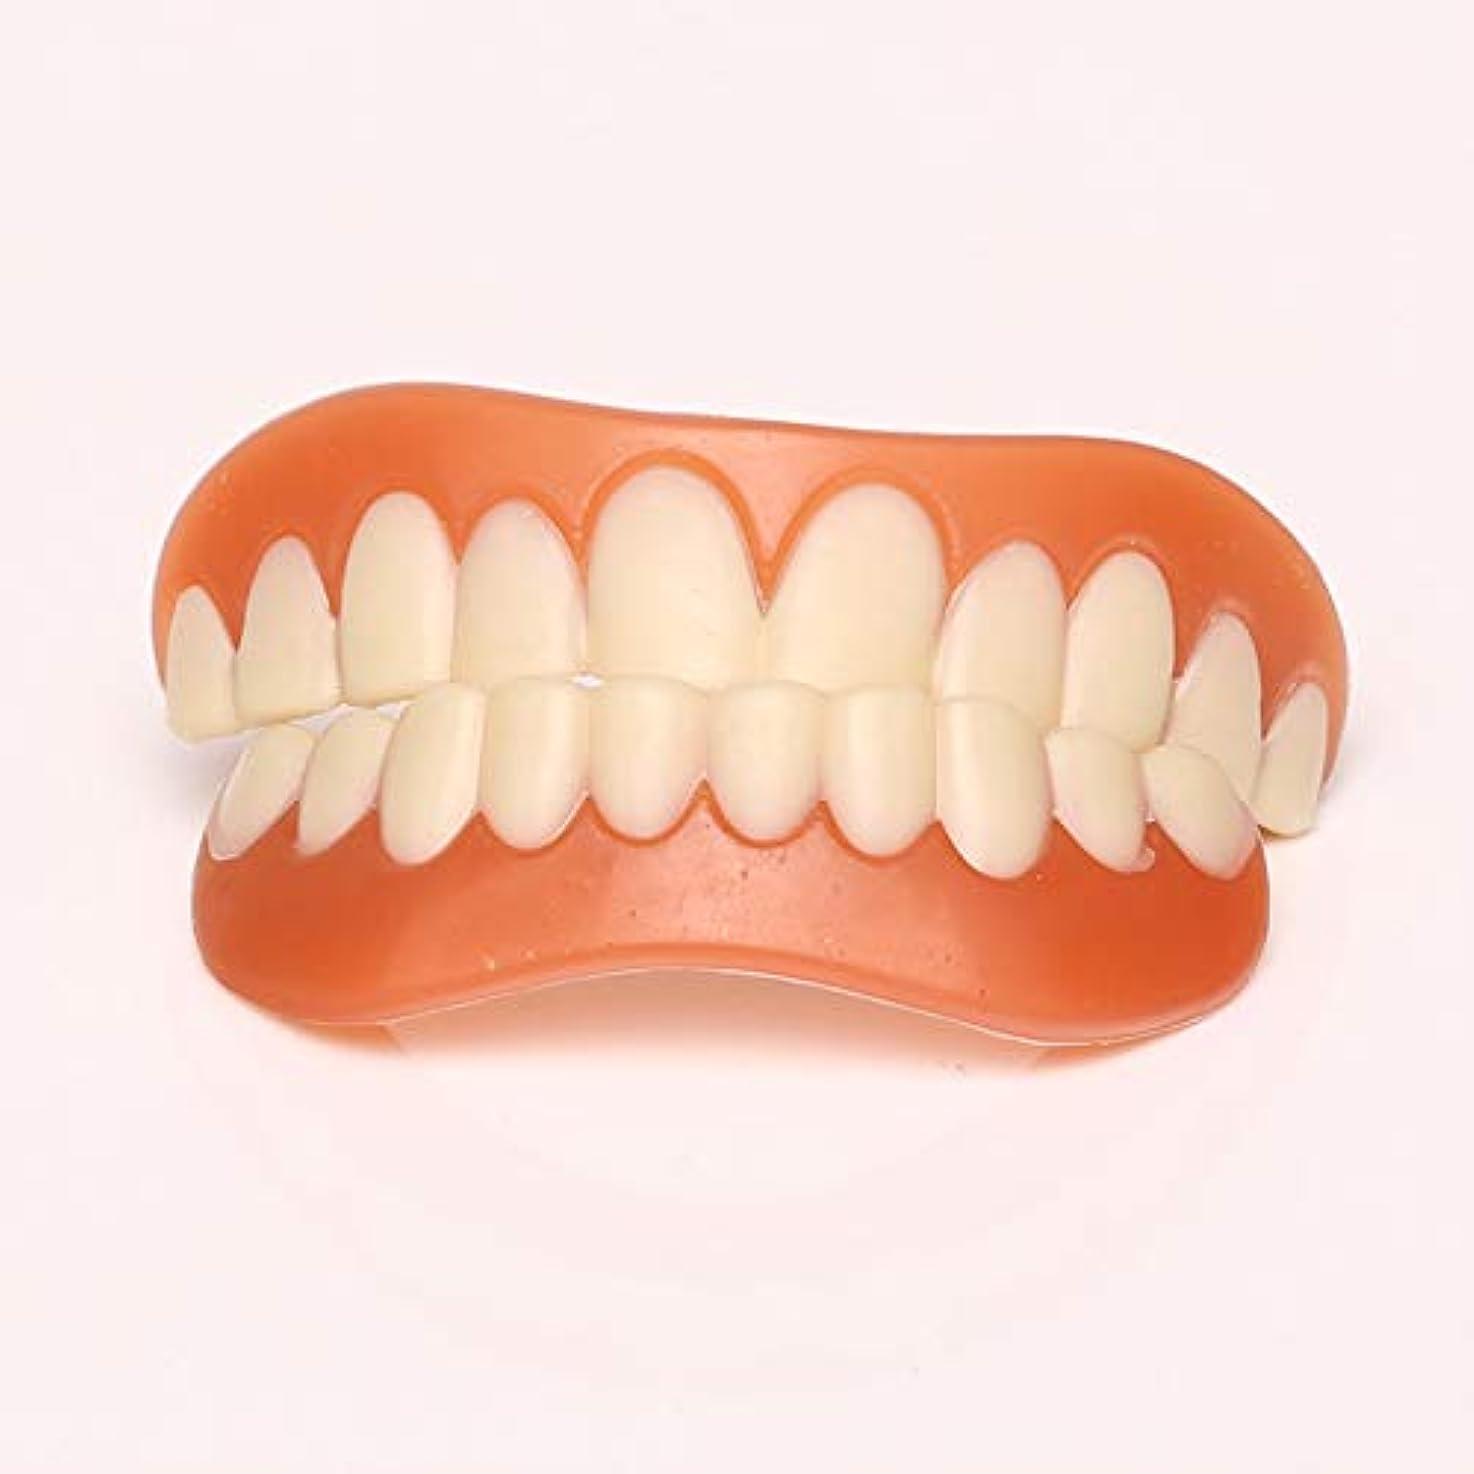 不規則な役職麦芽化粧品の歯、白い歯をきれいにするための快適なフィットフレックス歯ソケット、化粧品の歯義歯の歯のトップ化粧品、5セット